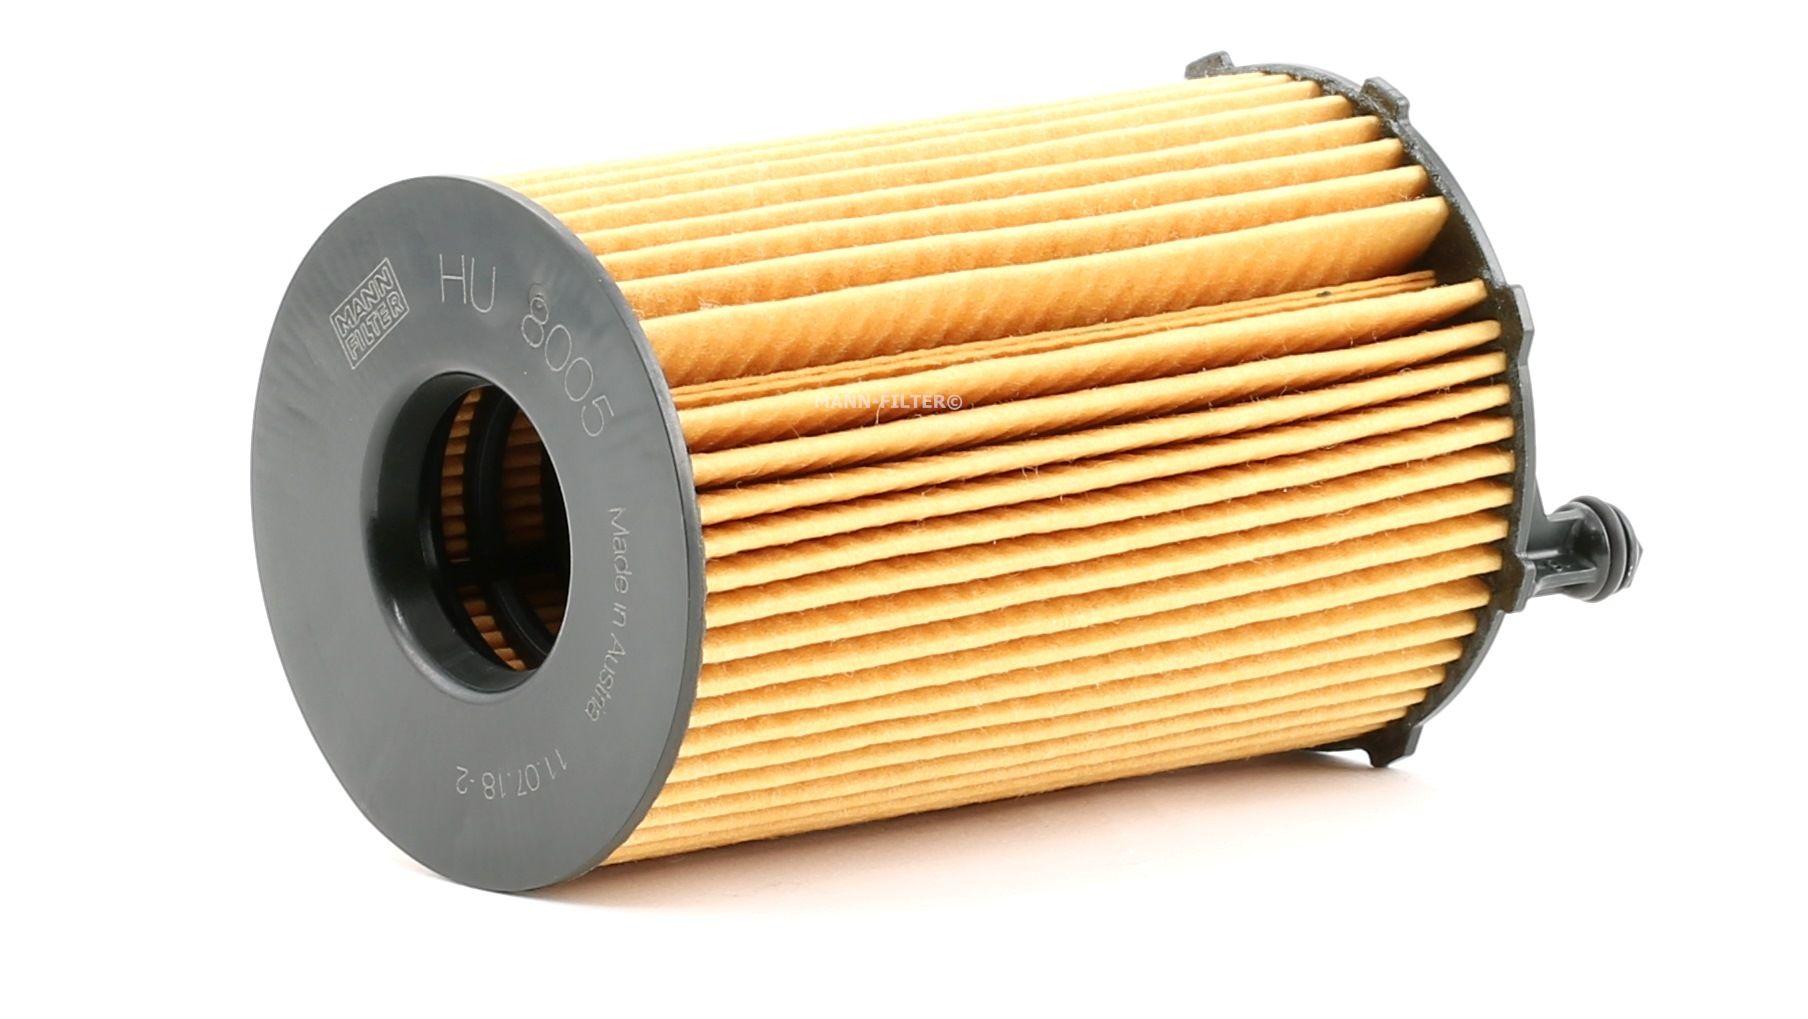 PORSCHE 356 1964 Motorölfilter - Original MANN-FILTER HU 8005 z Innendurchmesser: 29mm, Innendurchmesser 2: 29mm, Ø: 76mm, Höhe: 128mm